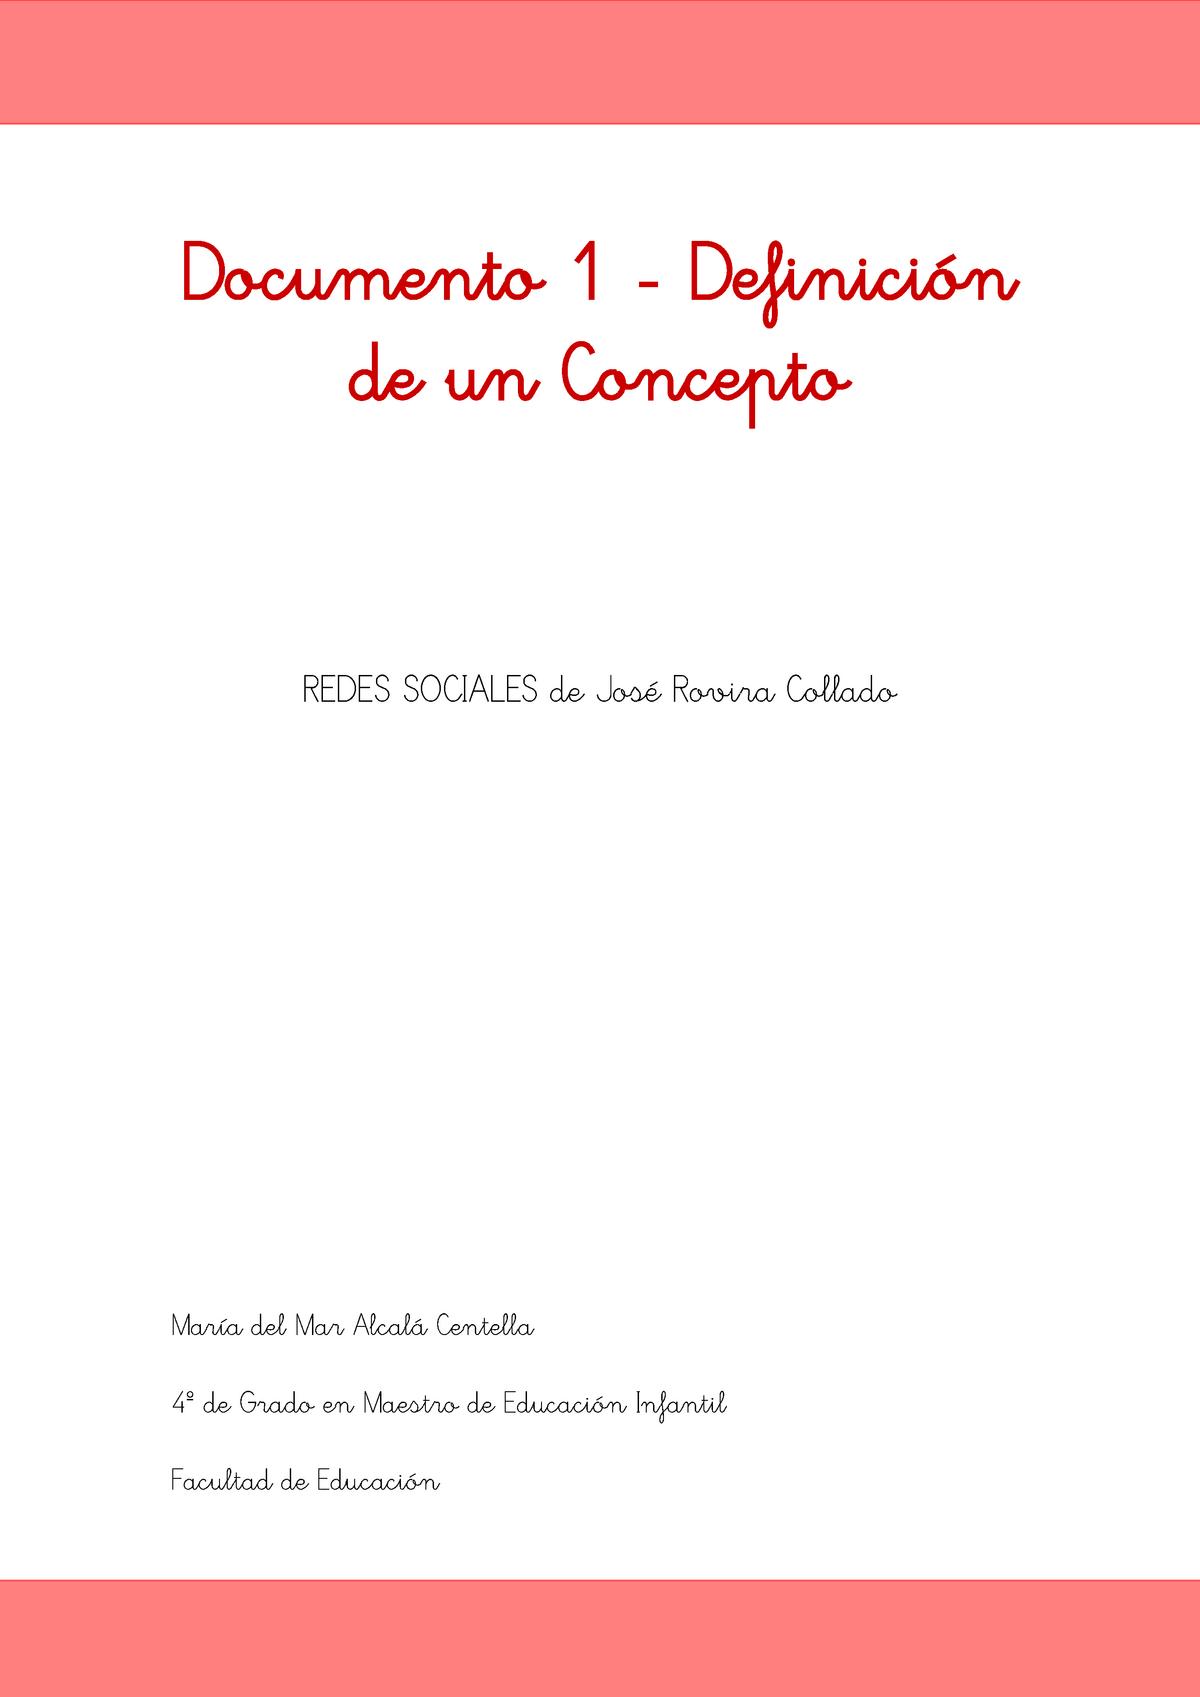 Práctica Definición De Un Concepto 501564 Uex Studocu